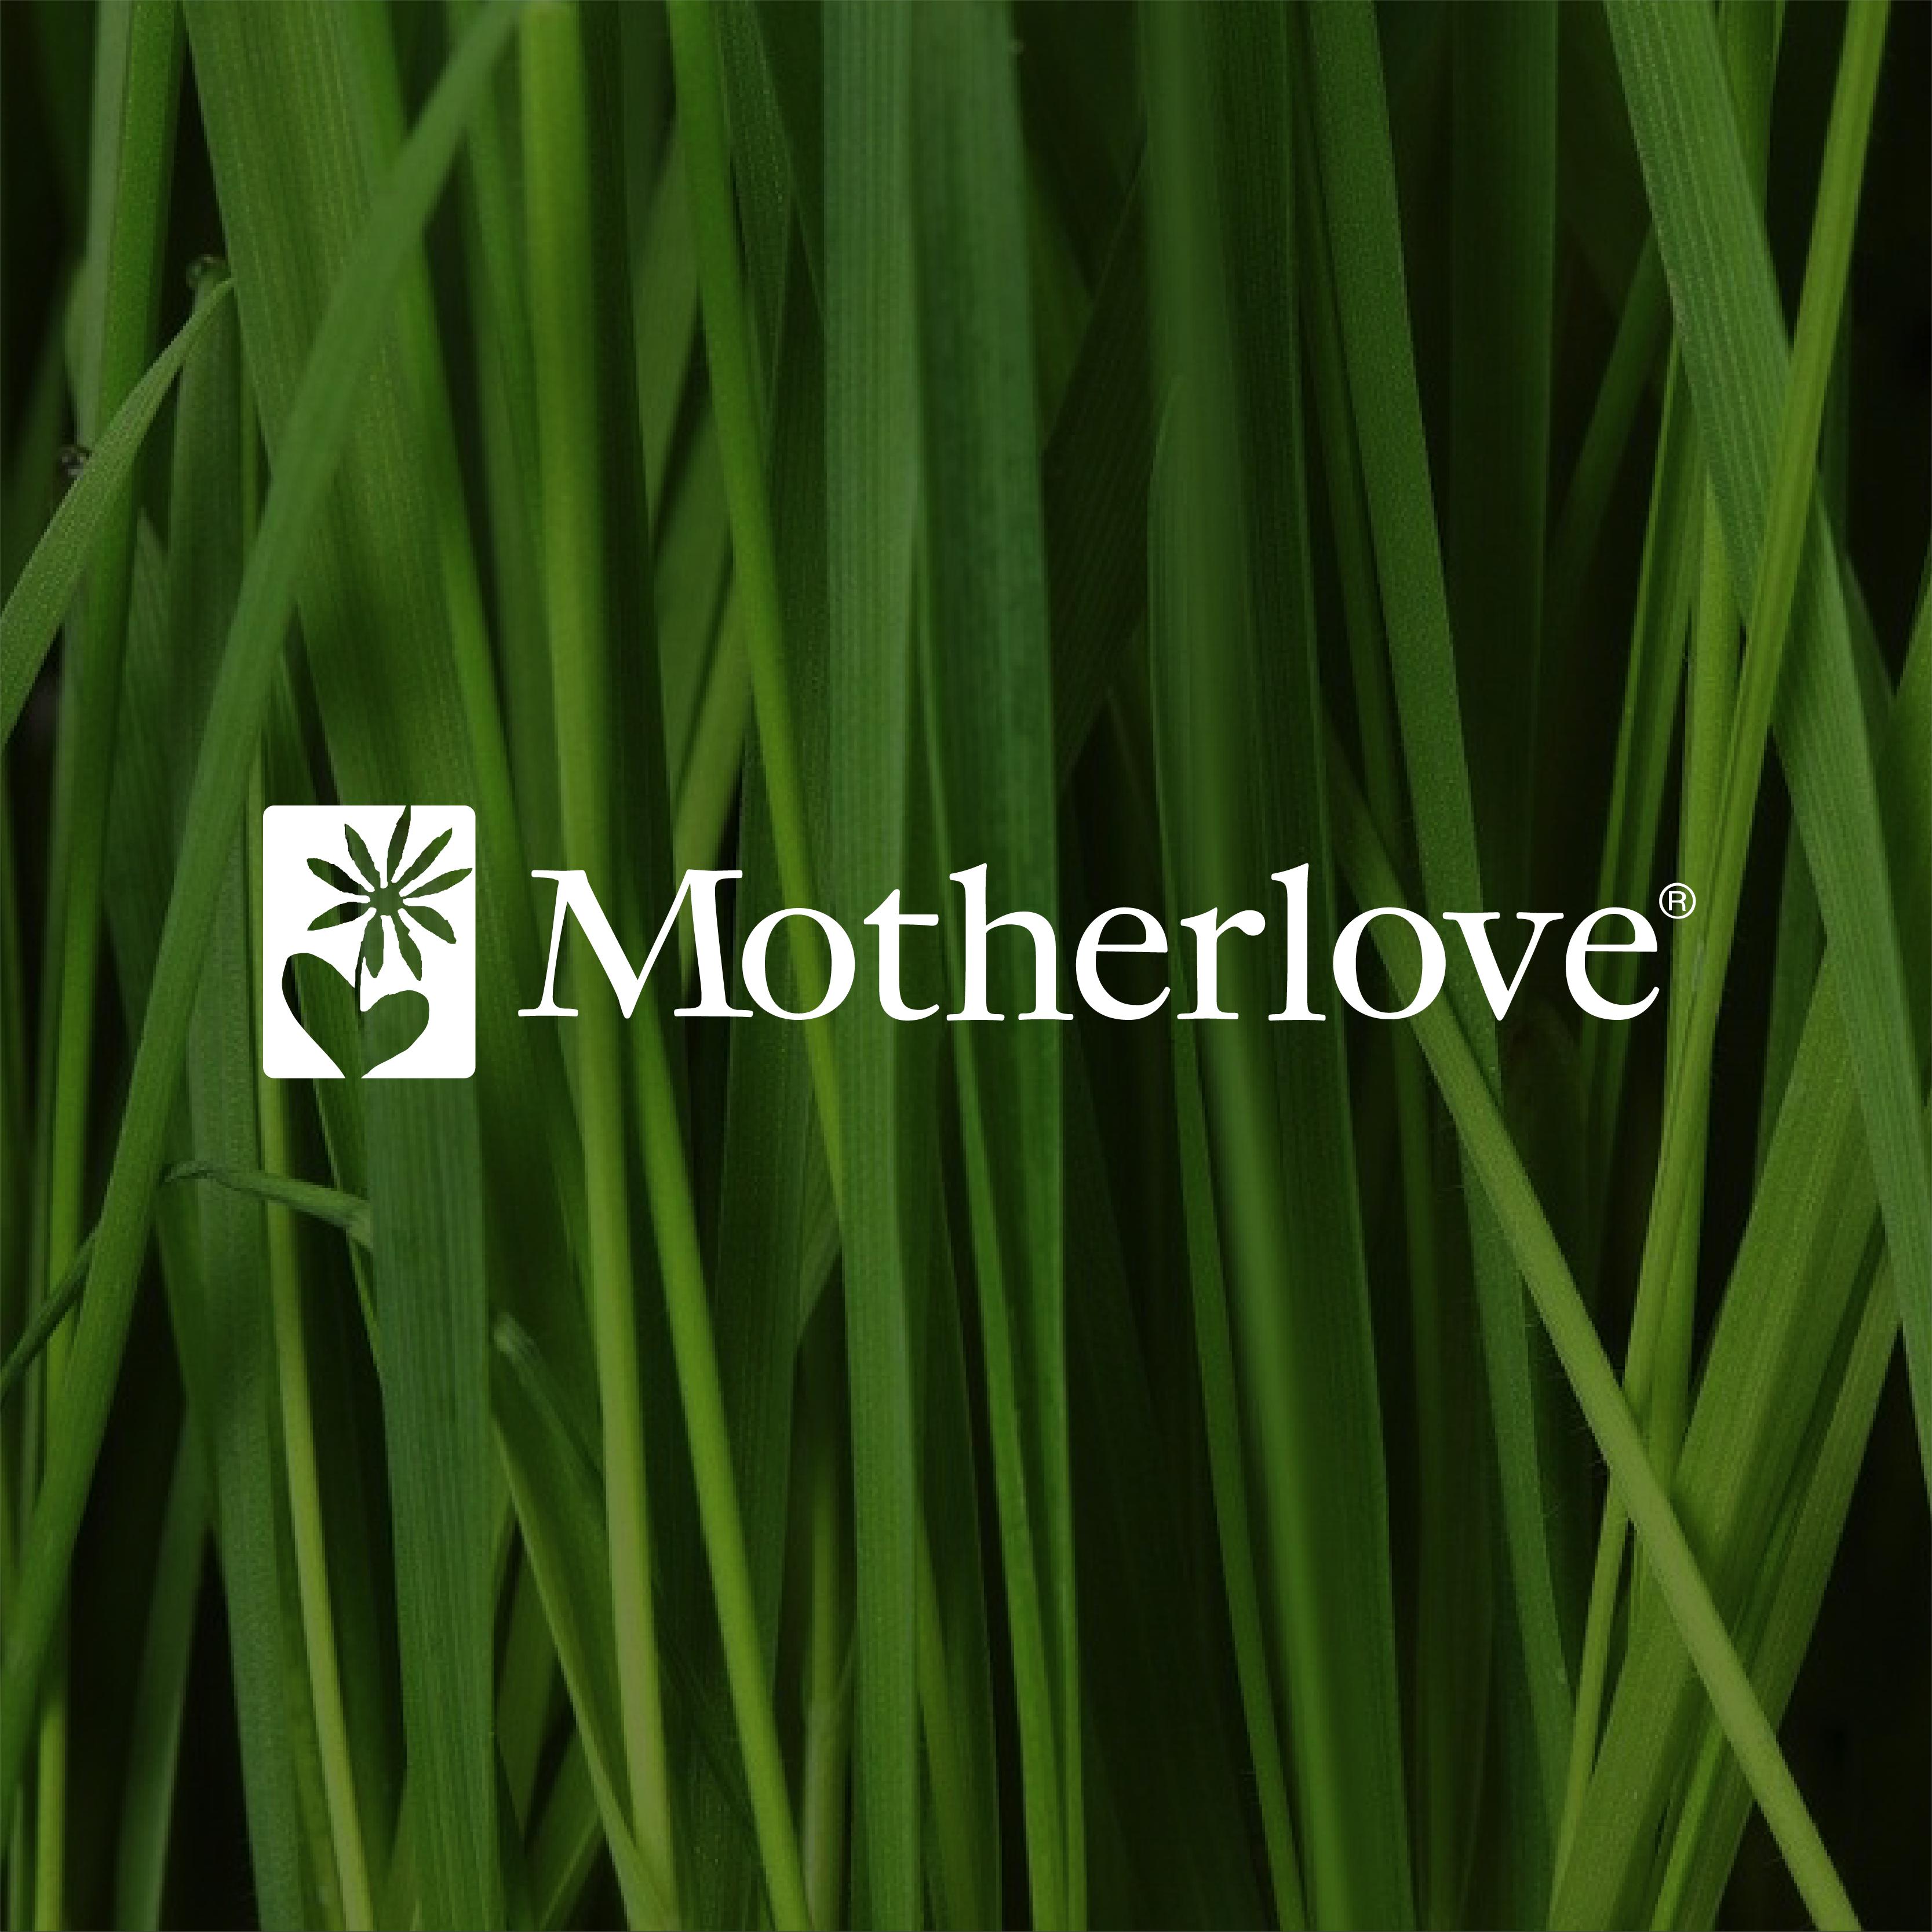 Website_MotherLove